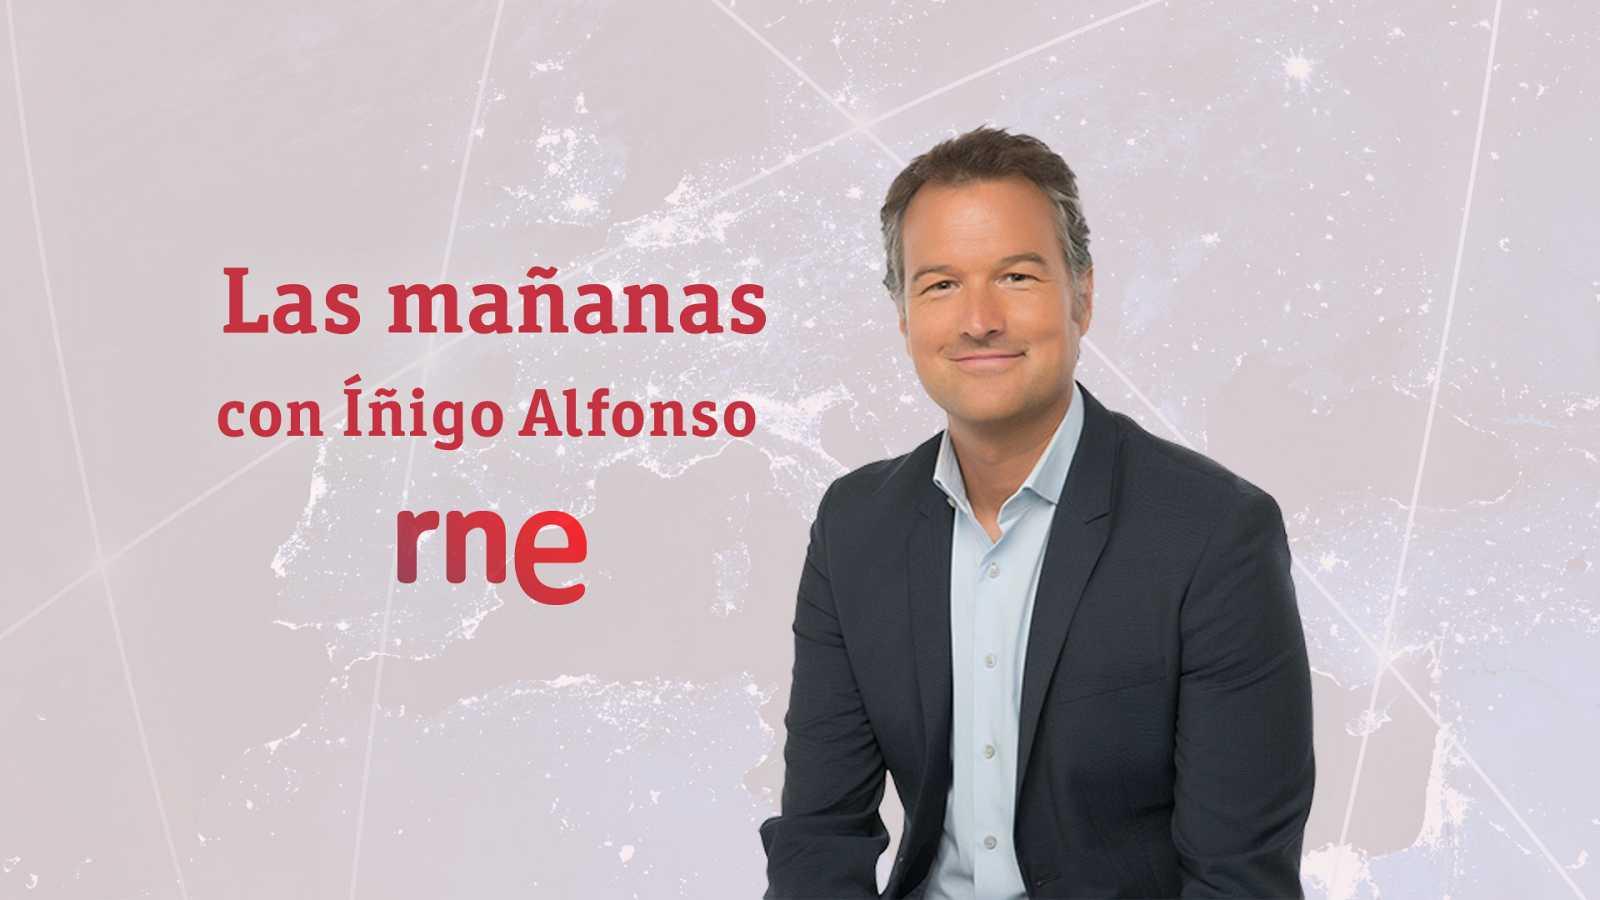 Las mañanas de RNE con Íñigo Alfonso - Segunda hora - 10/07/20 - Escuchar ahora